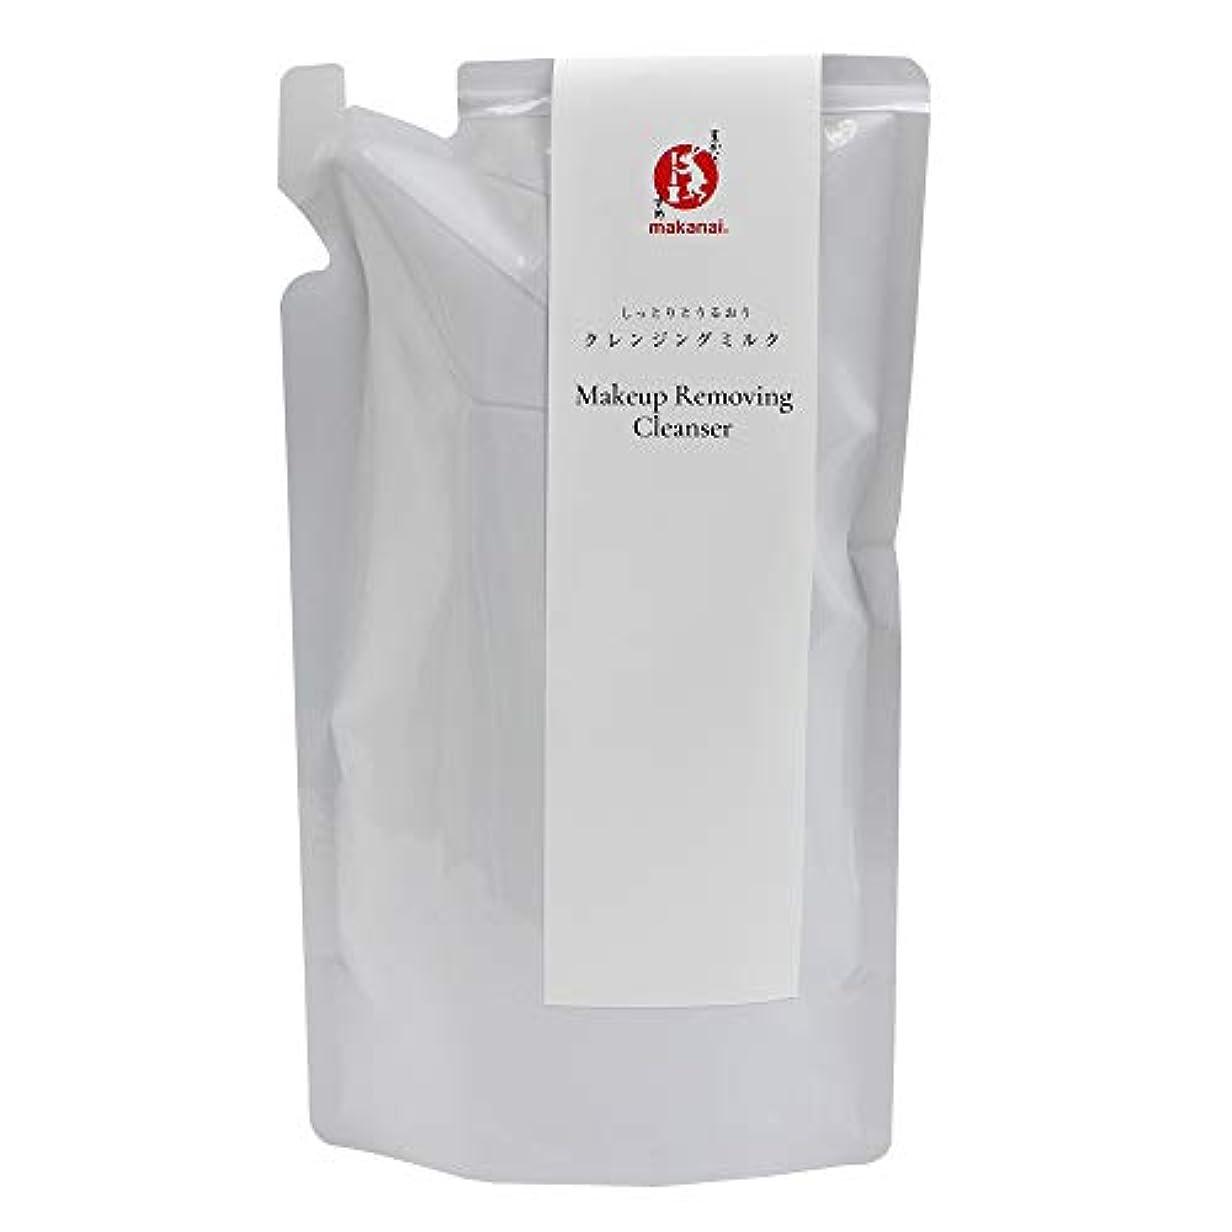 トーン適切な周術期まかないこすめ しっとりとうるおうクレンジングミルク(詰め替え用) 140ml